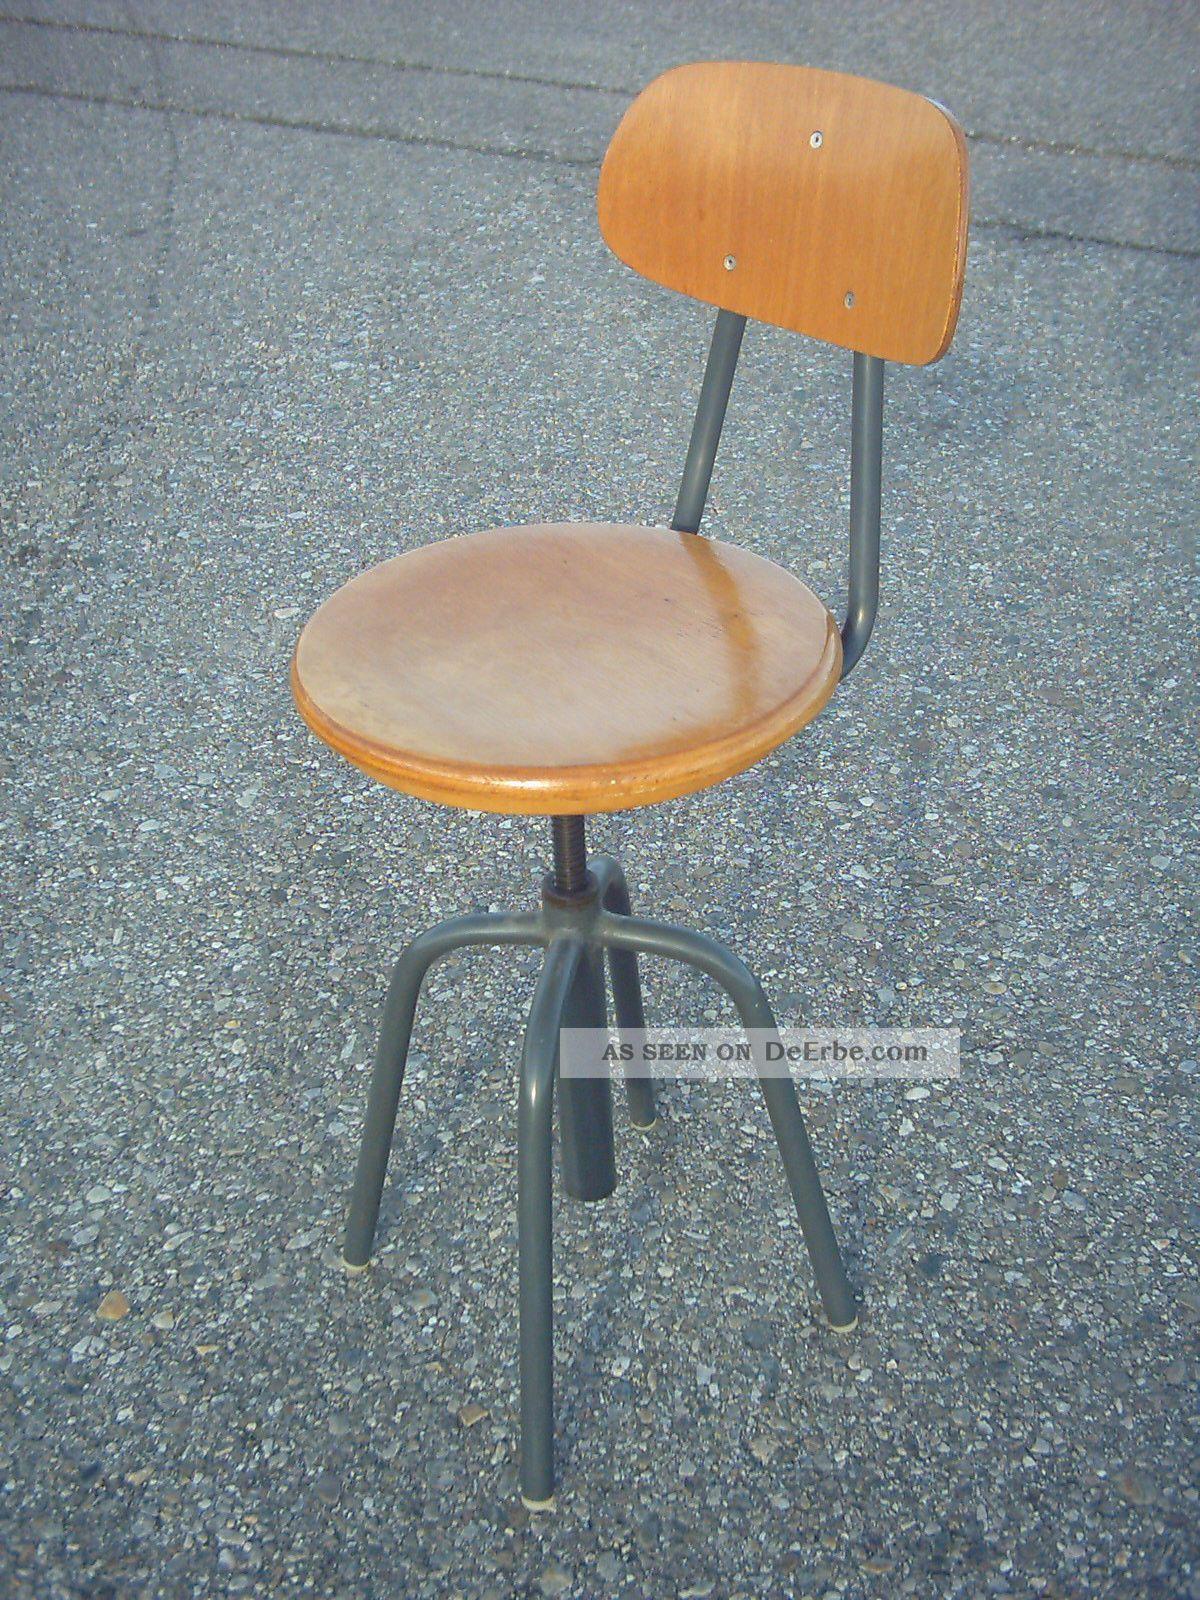 Stahlrohr stuhl drehstuhl industriestuhl werkstattstuhl for Stuhl stahlrohr